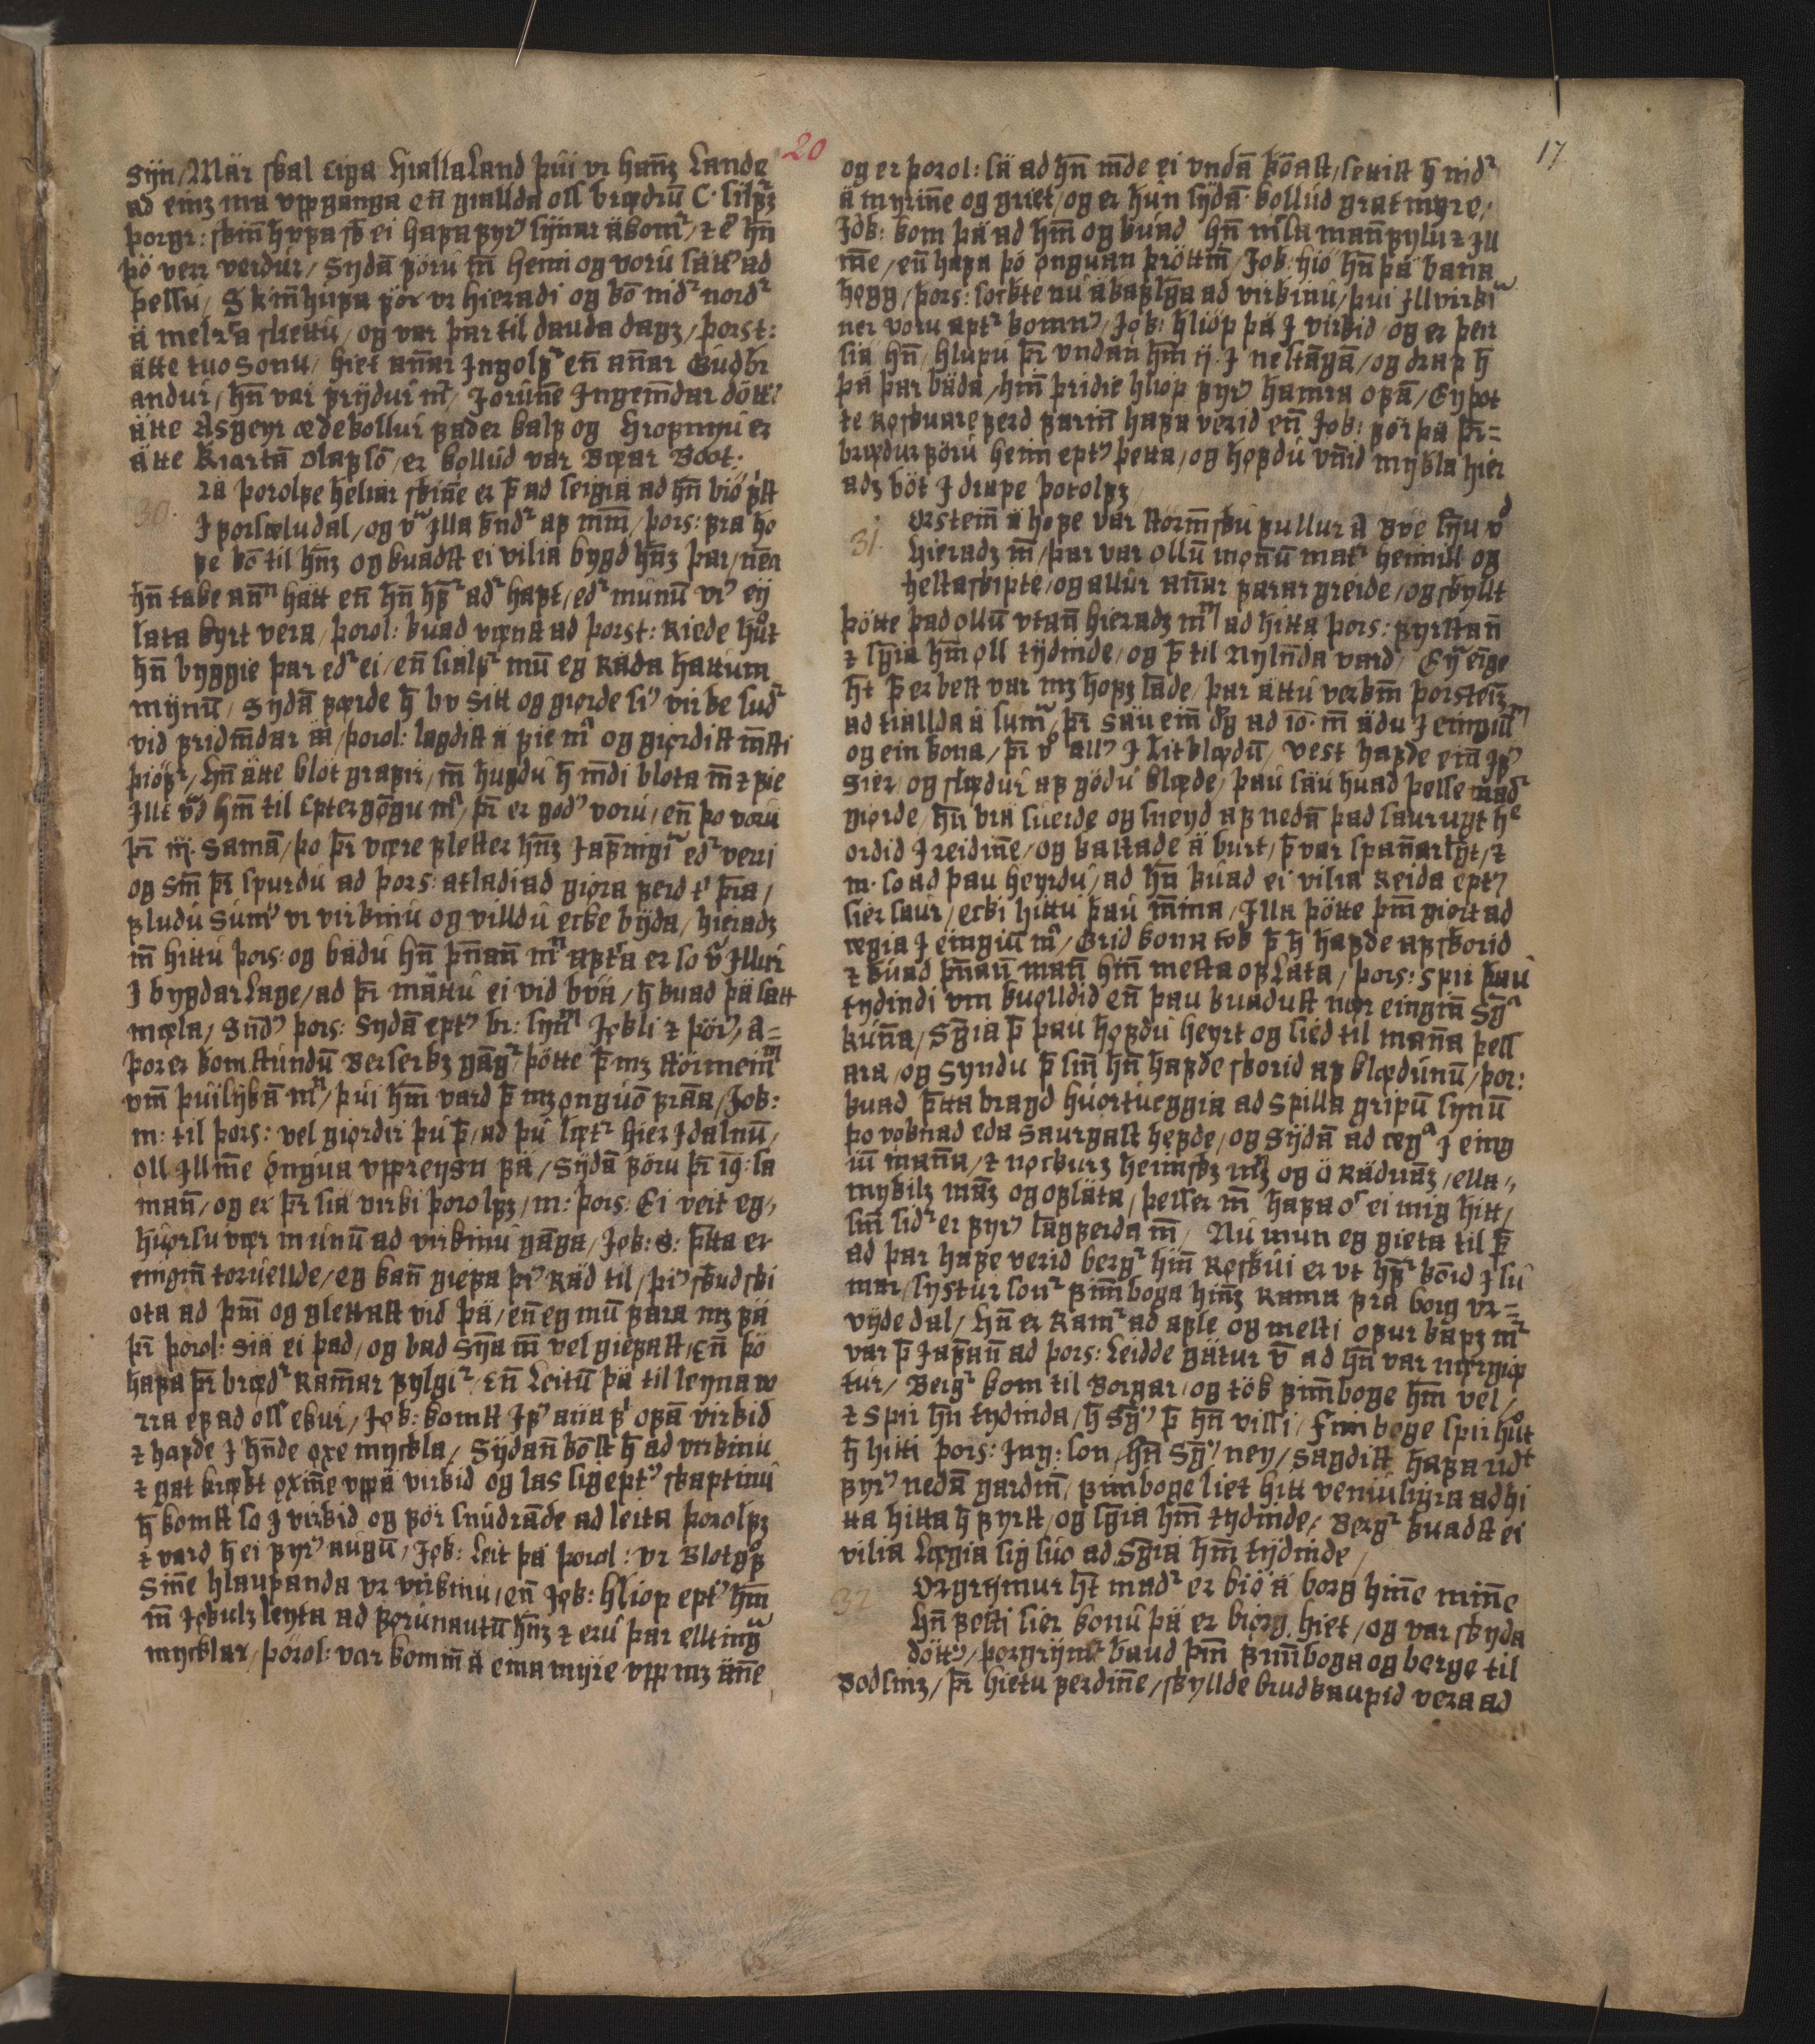 AM 128 fol - 20r